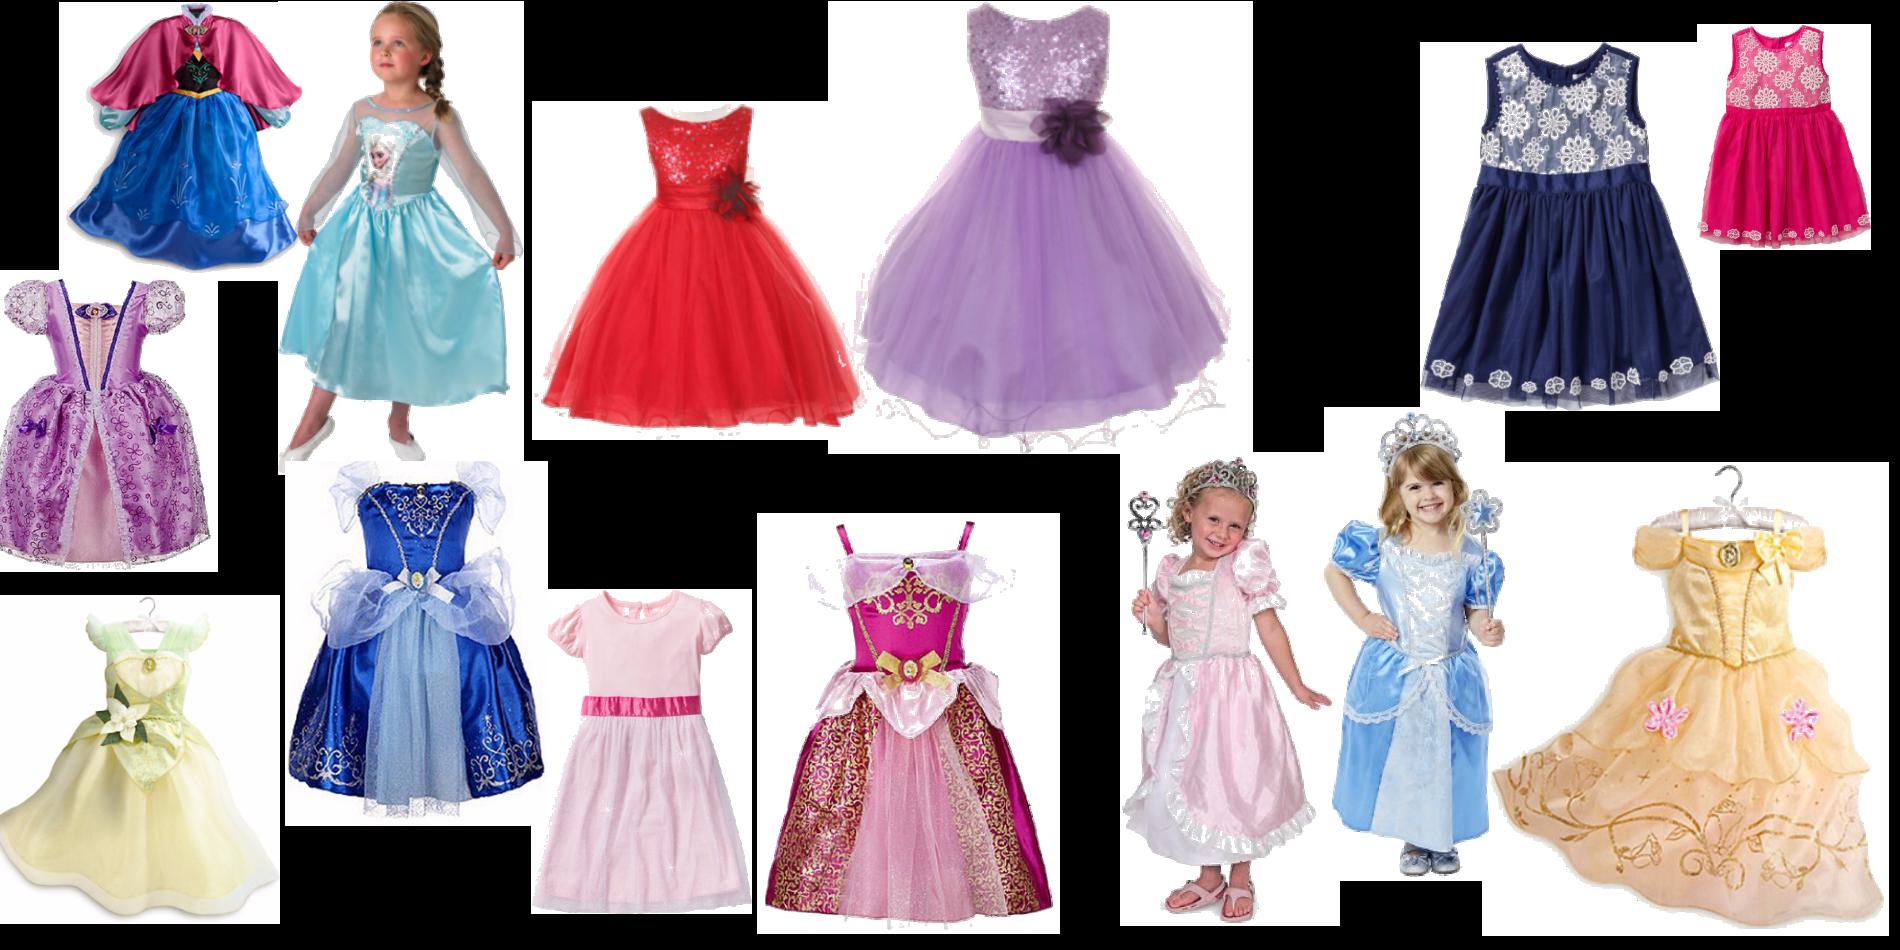 Prinsessklänningar för barn prinsessklanningar.se